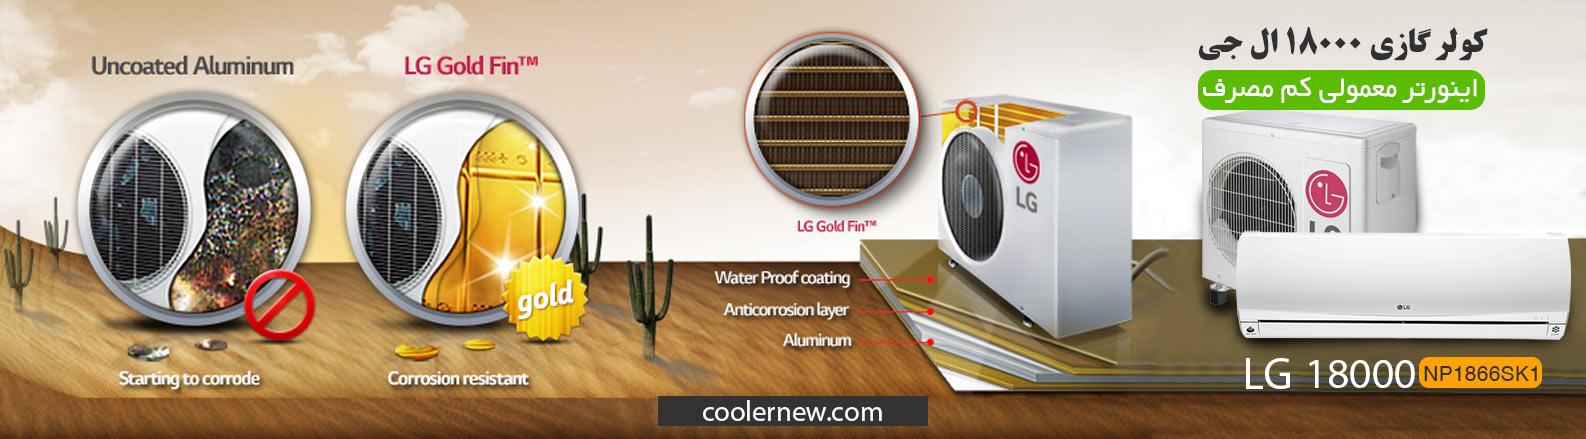 فین های طلایی کولر گازی 18000 ال جی اینورتر coolernew ضد رسوب قیمت کولر گازی اینورتر ال جی ۱۸۰۰۰